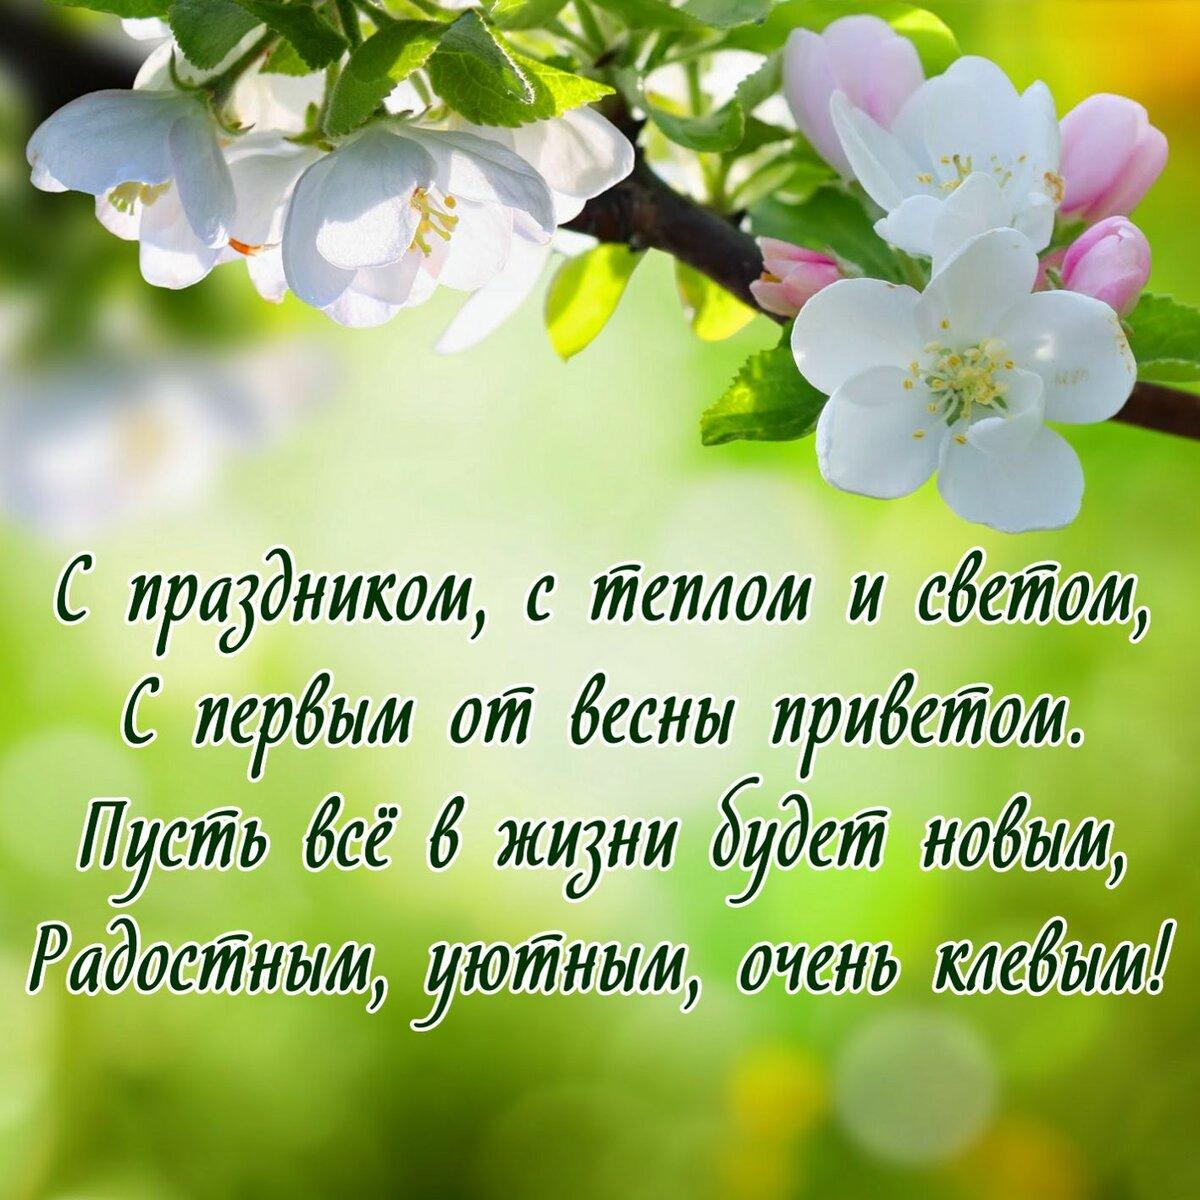 пластинки поздравление с русской весной помощью косметики